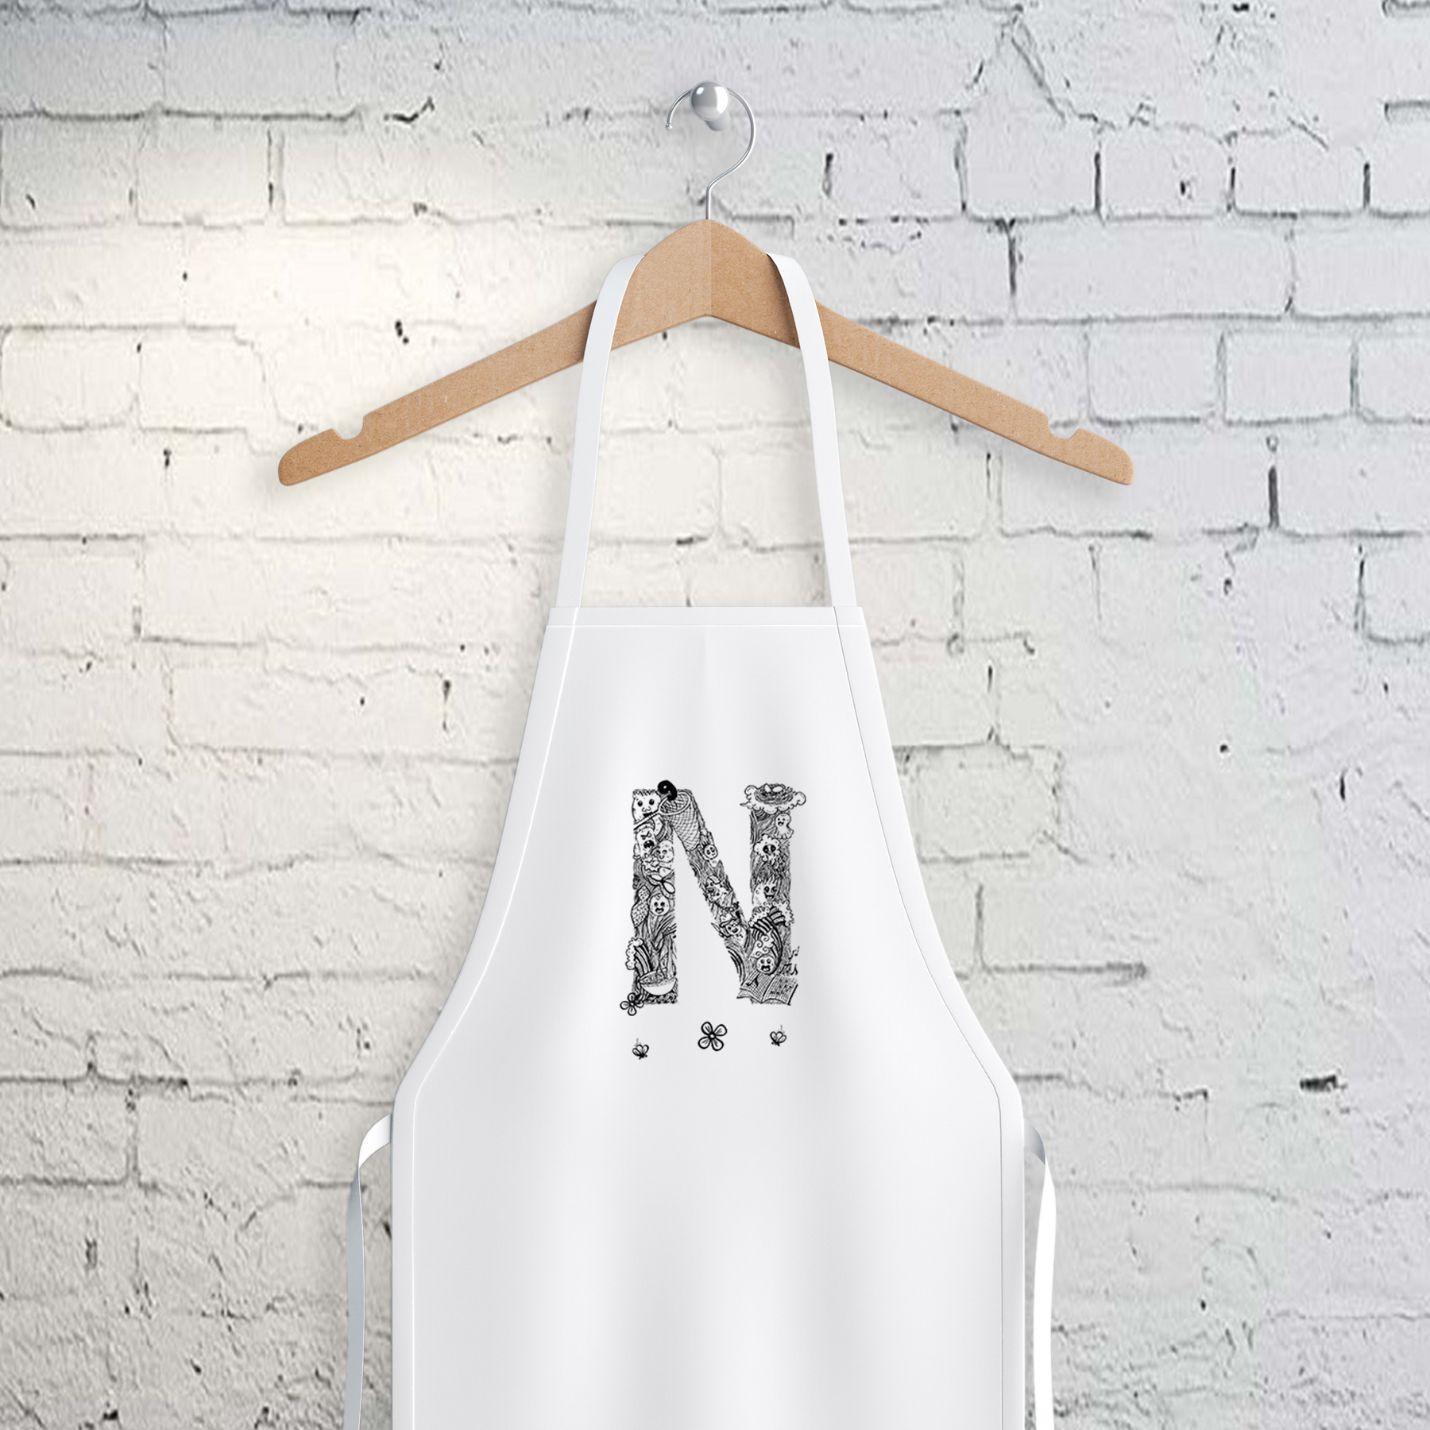 N Harfi Tasarımlı Mutfak Önlüğü